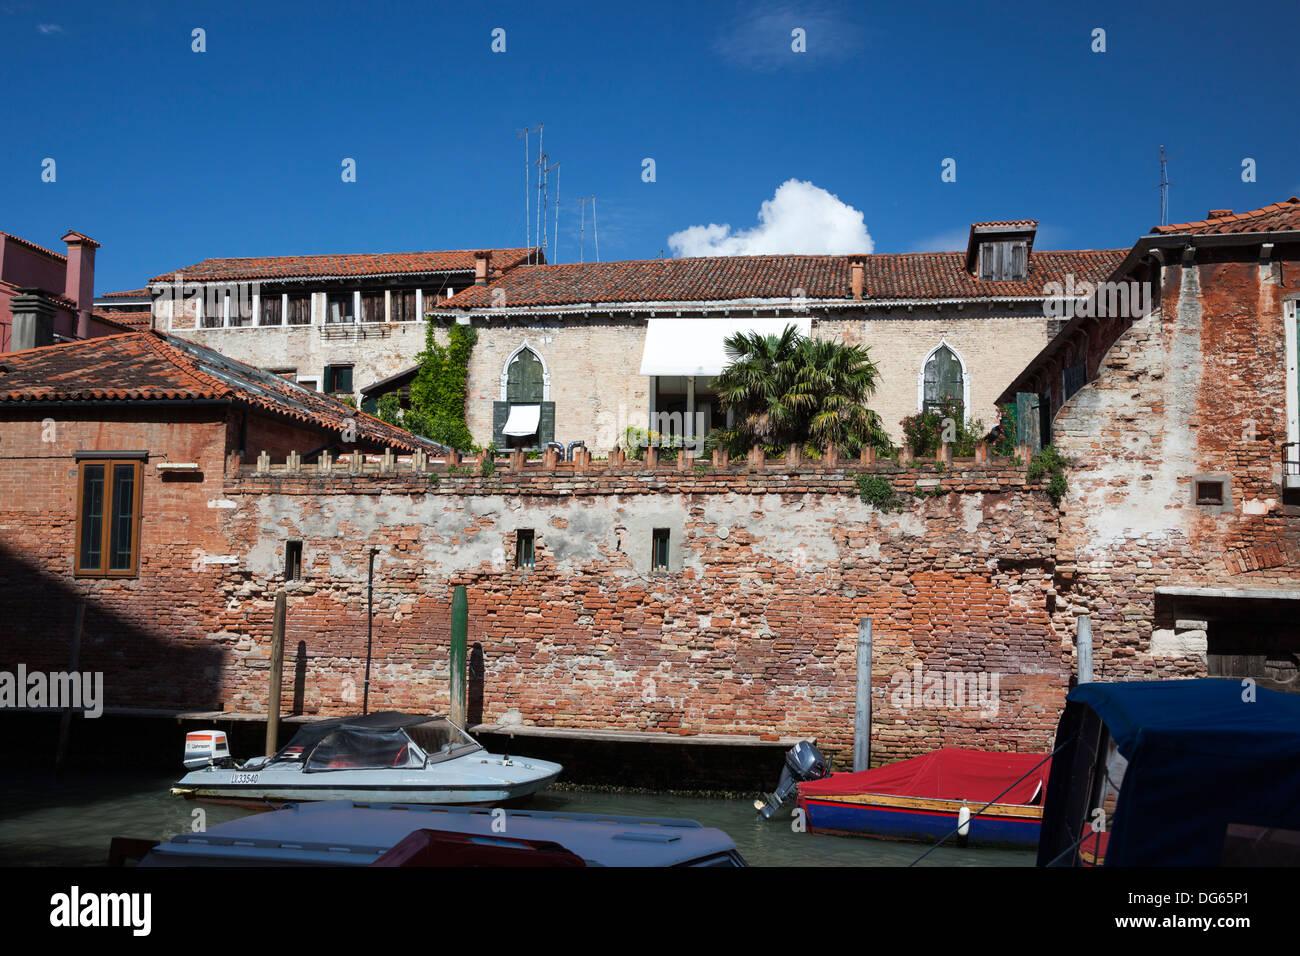 Brickwork and carpentry decay in Venice (Italy). Dégradation de maçonnerie et de menuiserie à Venise (Italie). - Stock Image